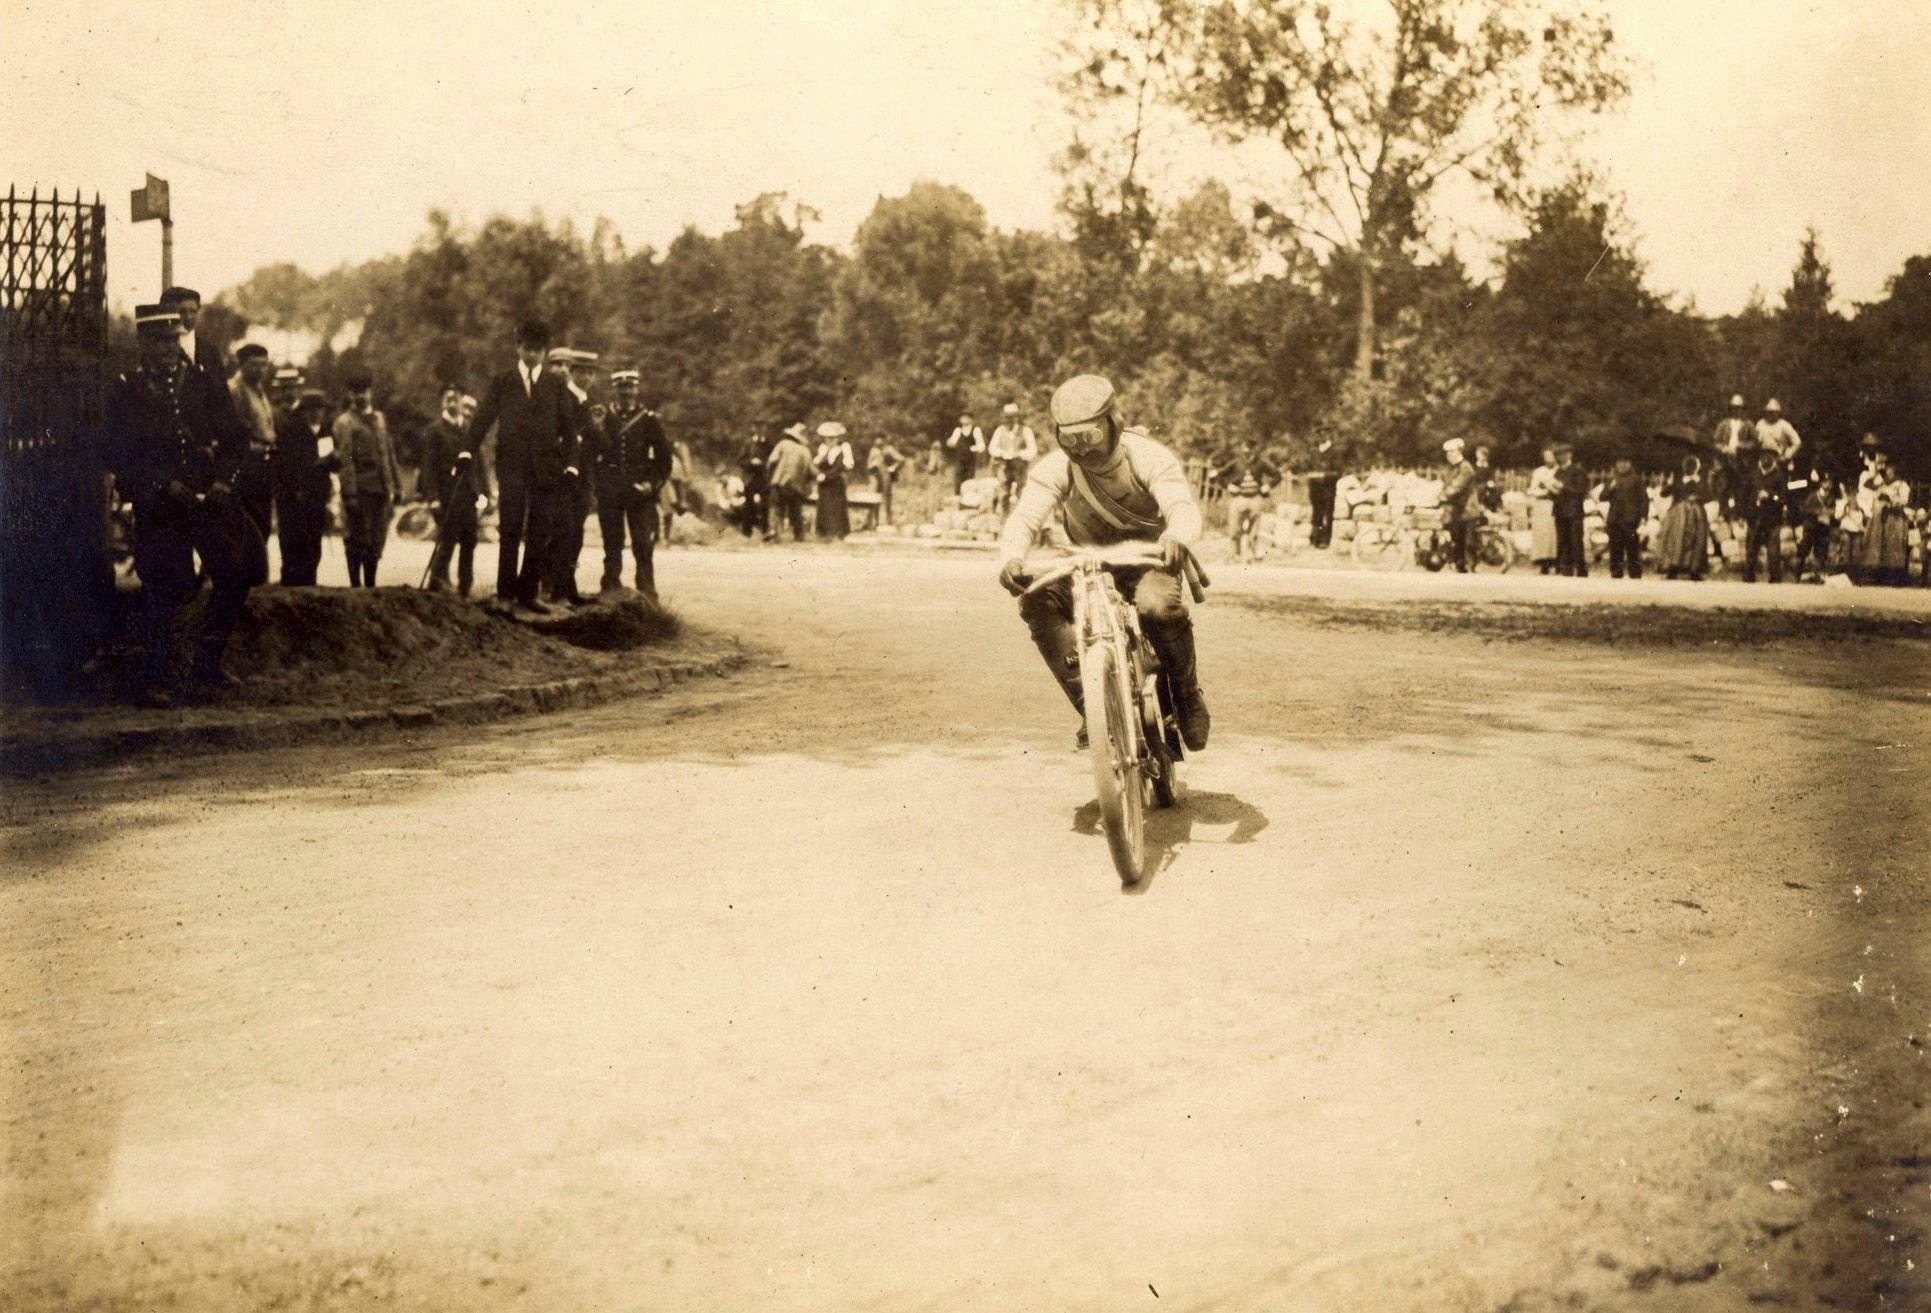 Václav Vondřich dosahoval s dvouválcem L&K na prašné dourdanské trati rychlosti více než 100 km/h